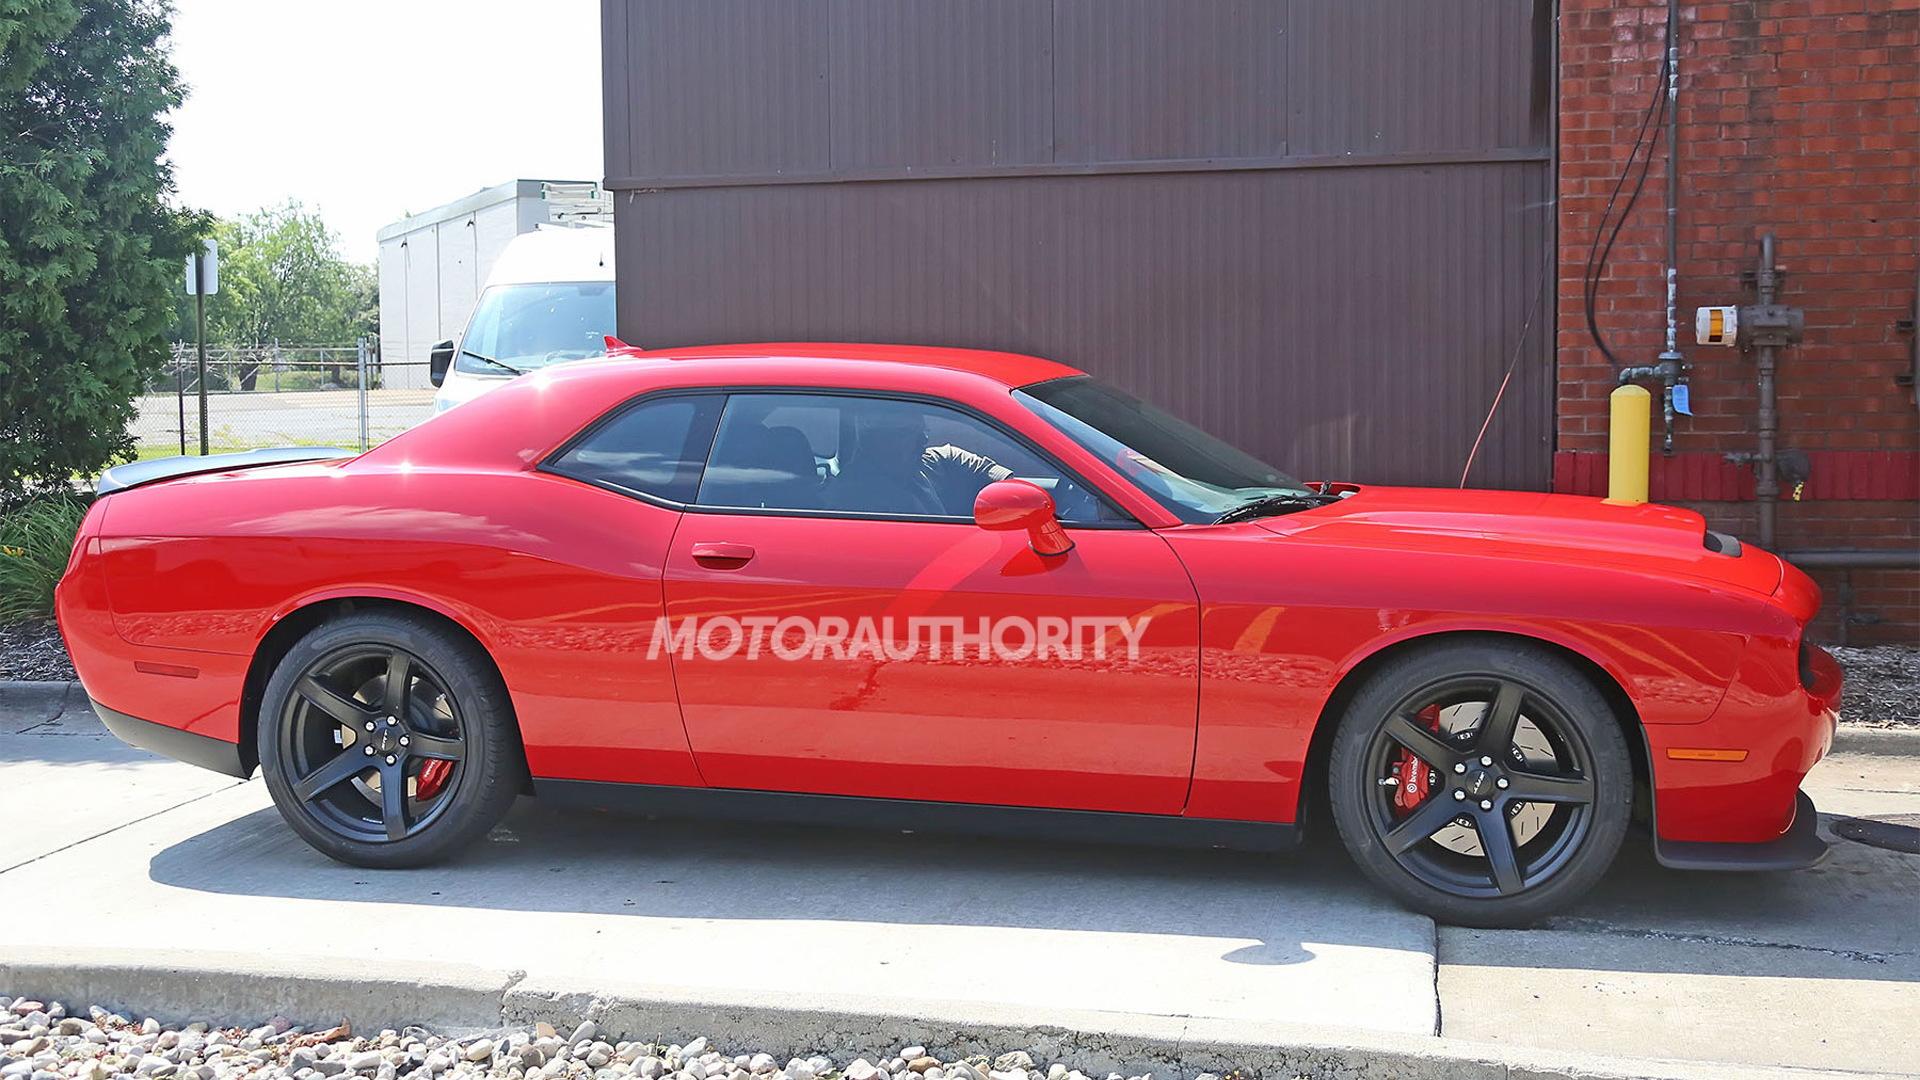 Dodge Challenger SRT Hellcat with Demon powertrain spy shots - Image via S. Baldauf/SB-Medien